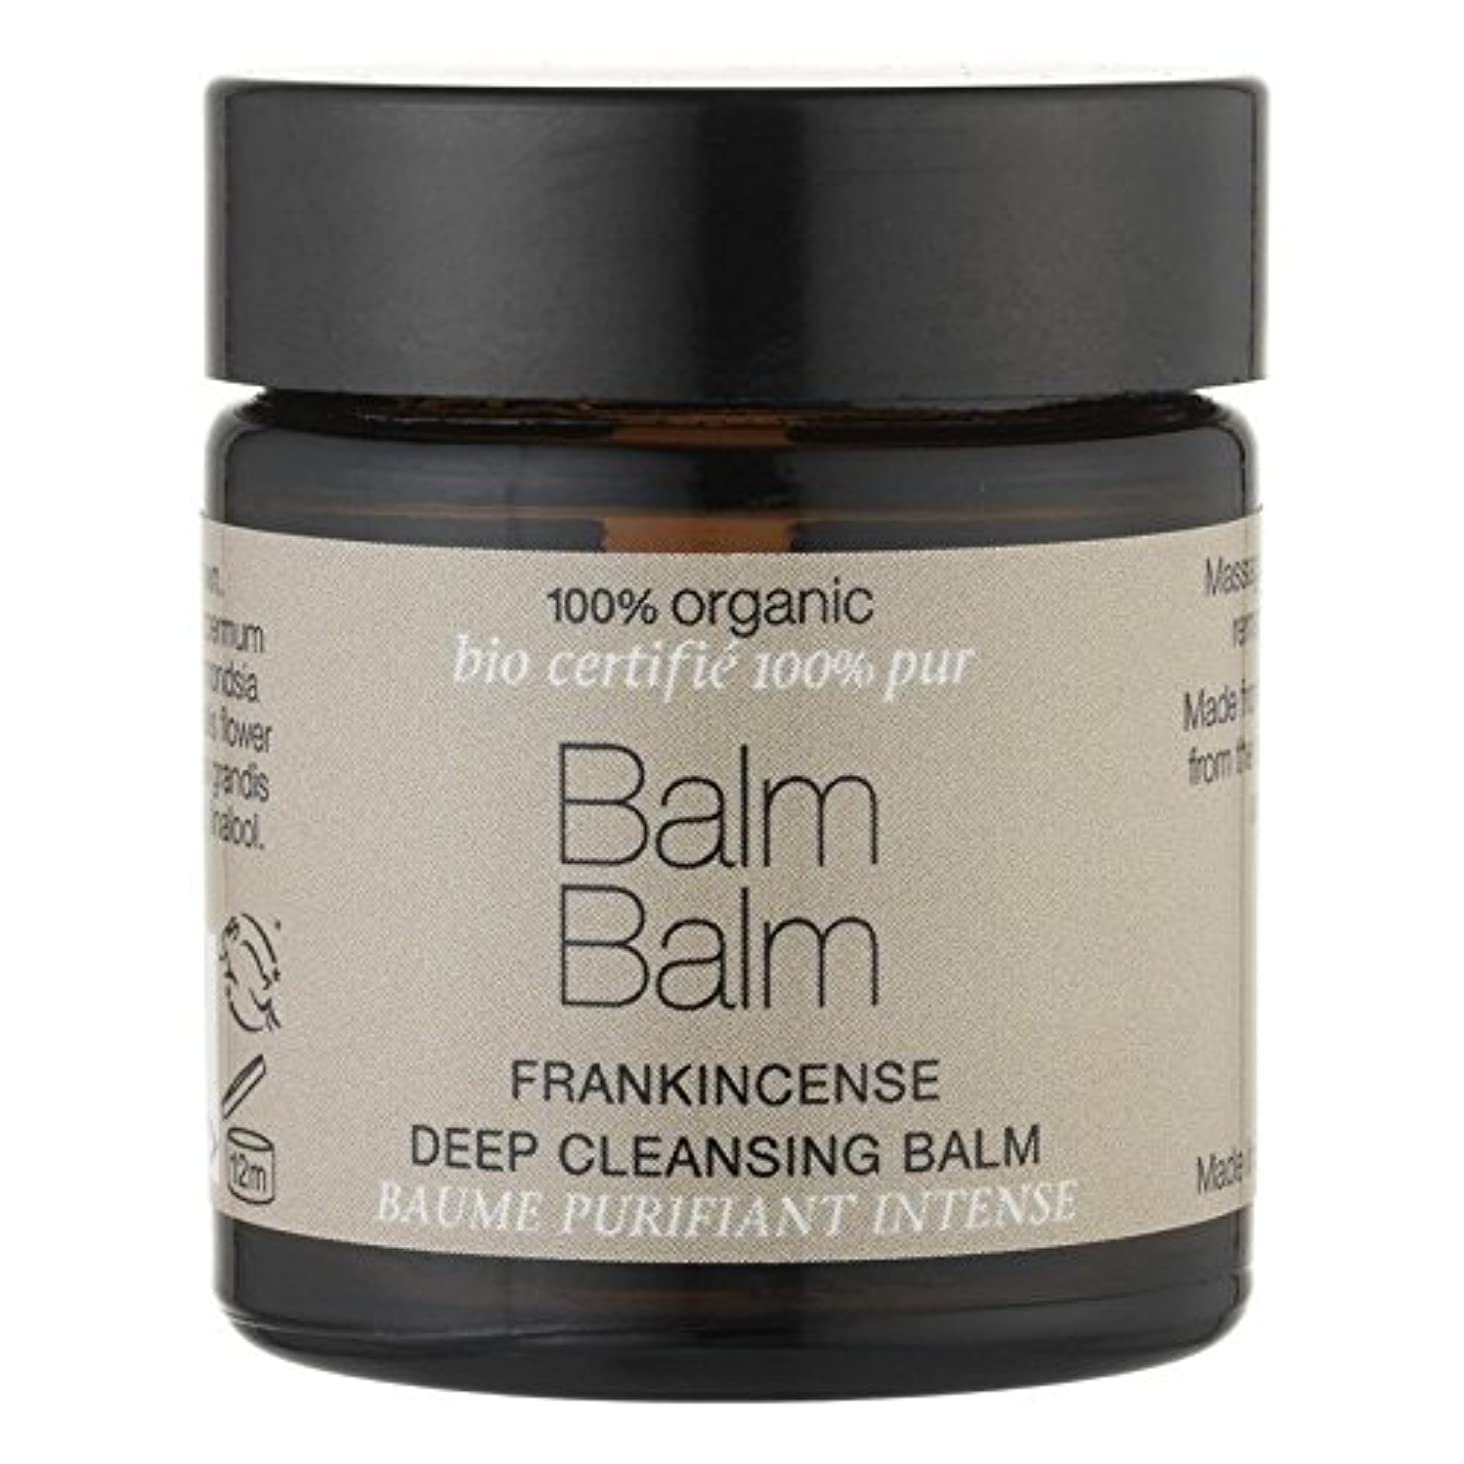 辛い脚本家契約バームバーム乳香有機ディープクレンジングクリーム30ミリリットル x2 - Balm Balm Frankincense Organic Deep Cleansing Balm 30ml (Pack of 2) [並行輸入品]